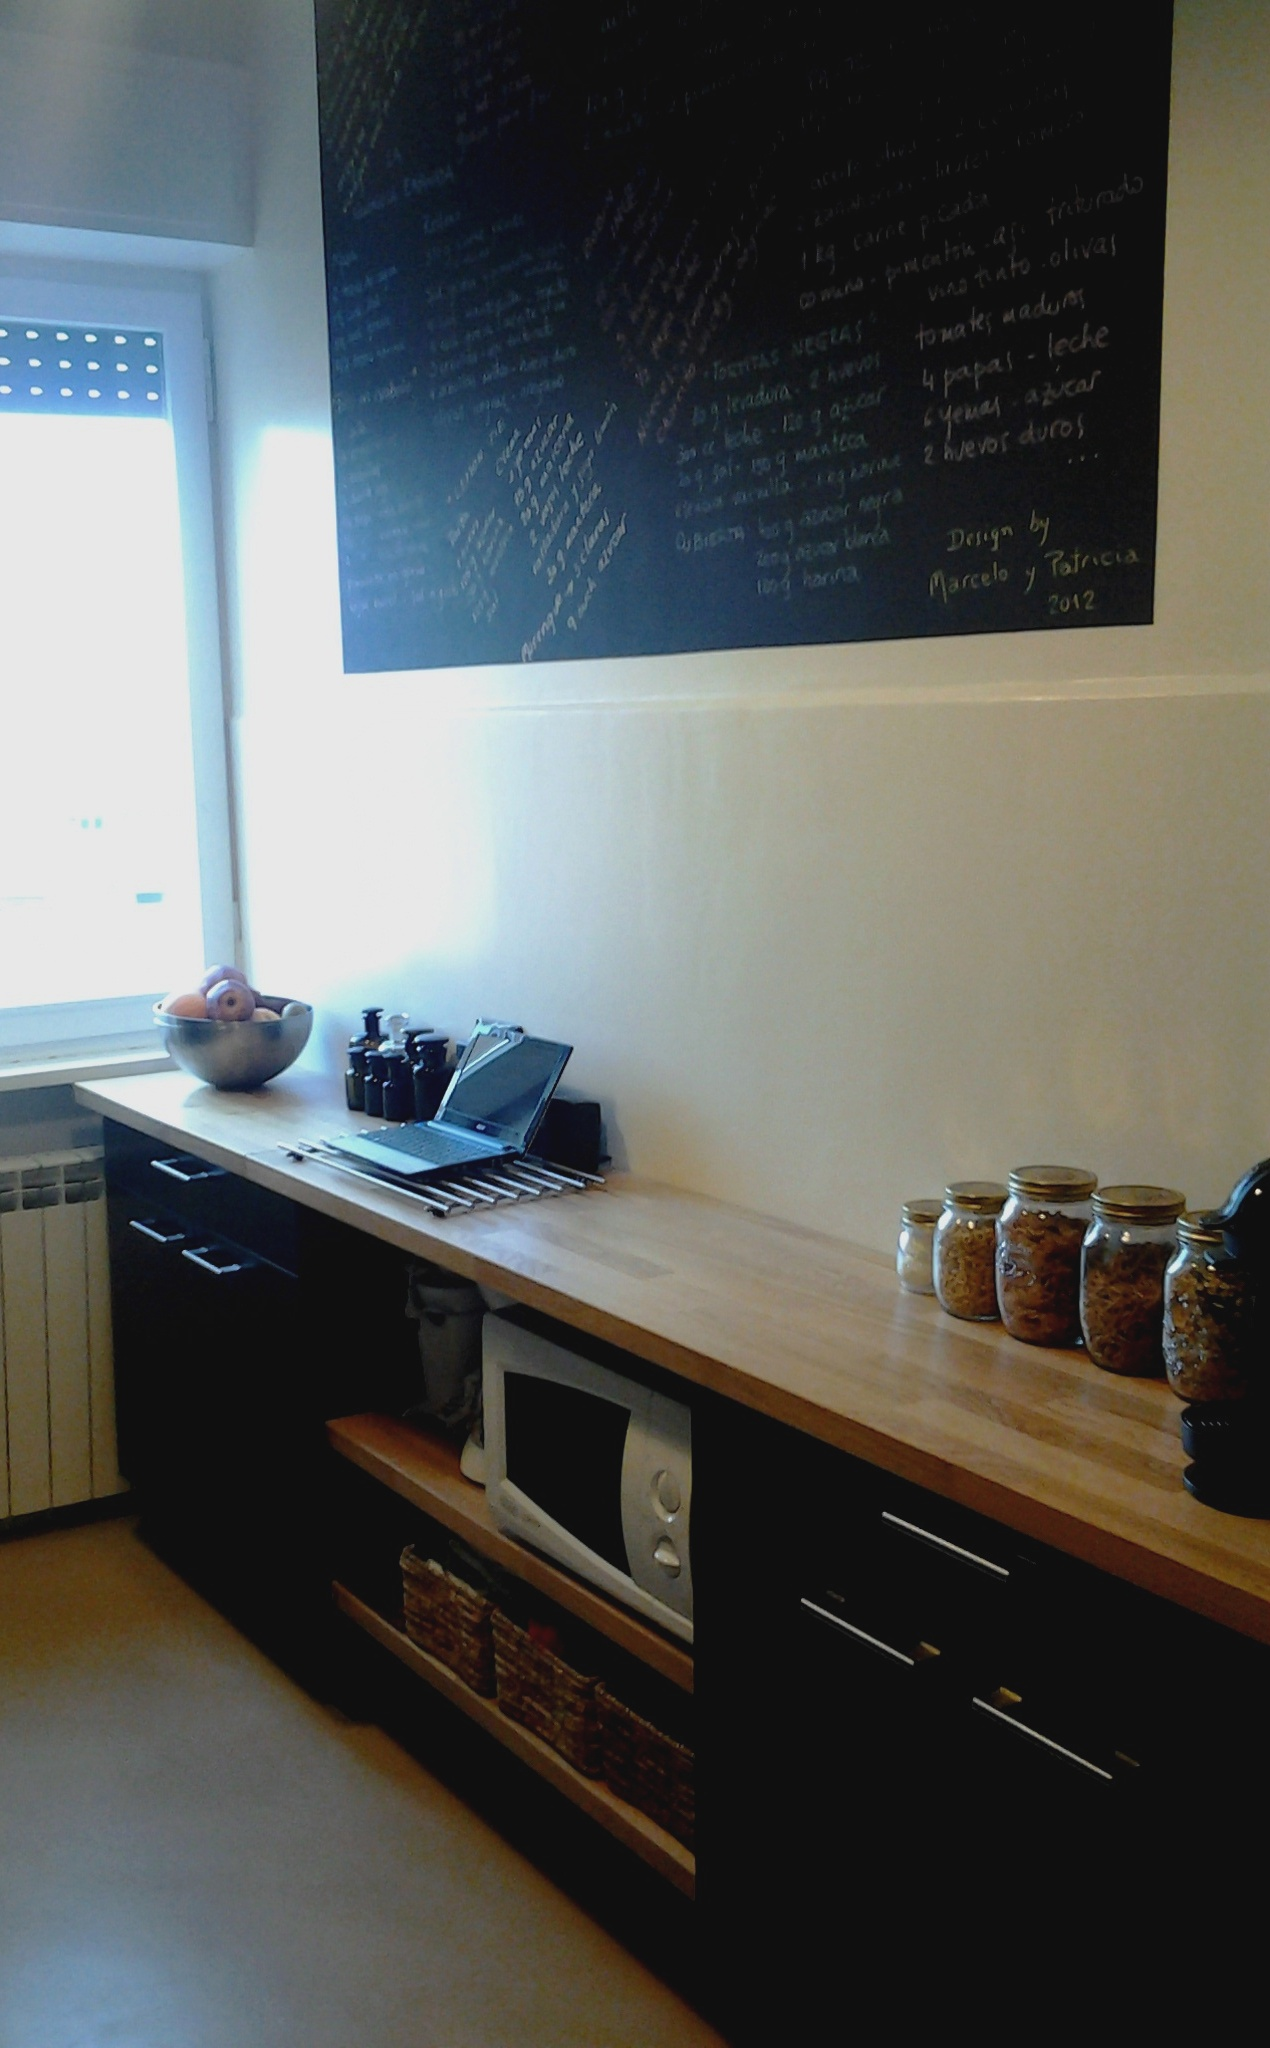 Home pavimenti in resina e rivestimenti in microcemento - Resina parete cucina ...